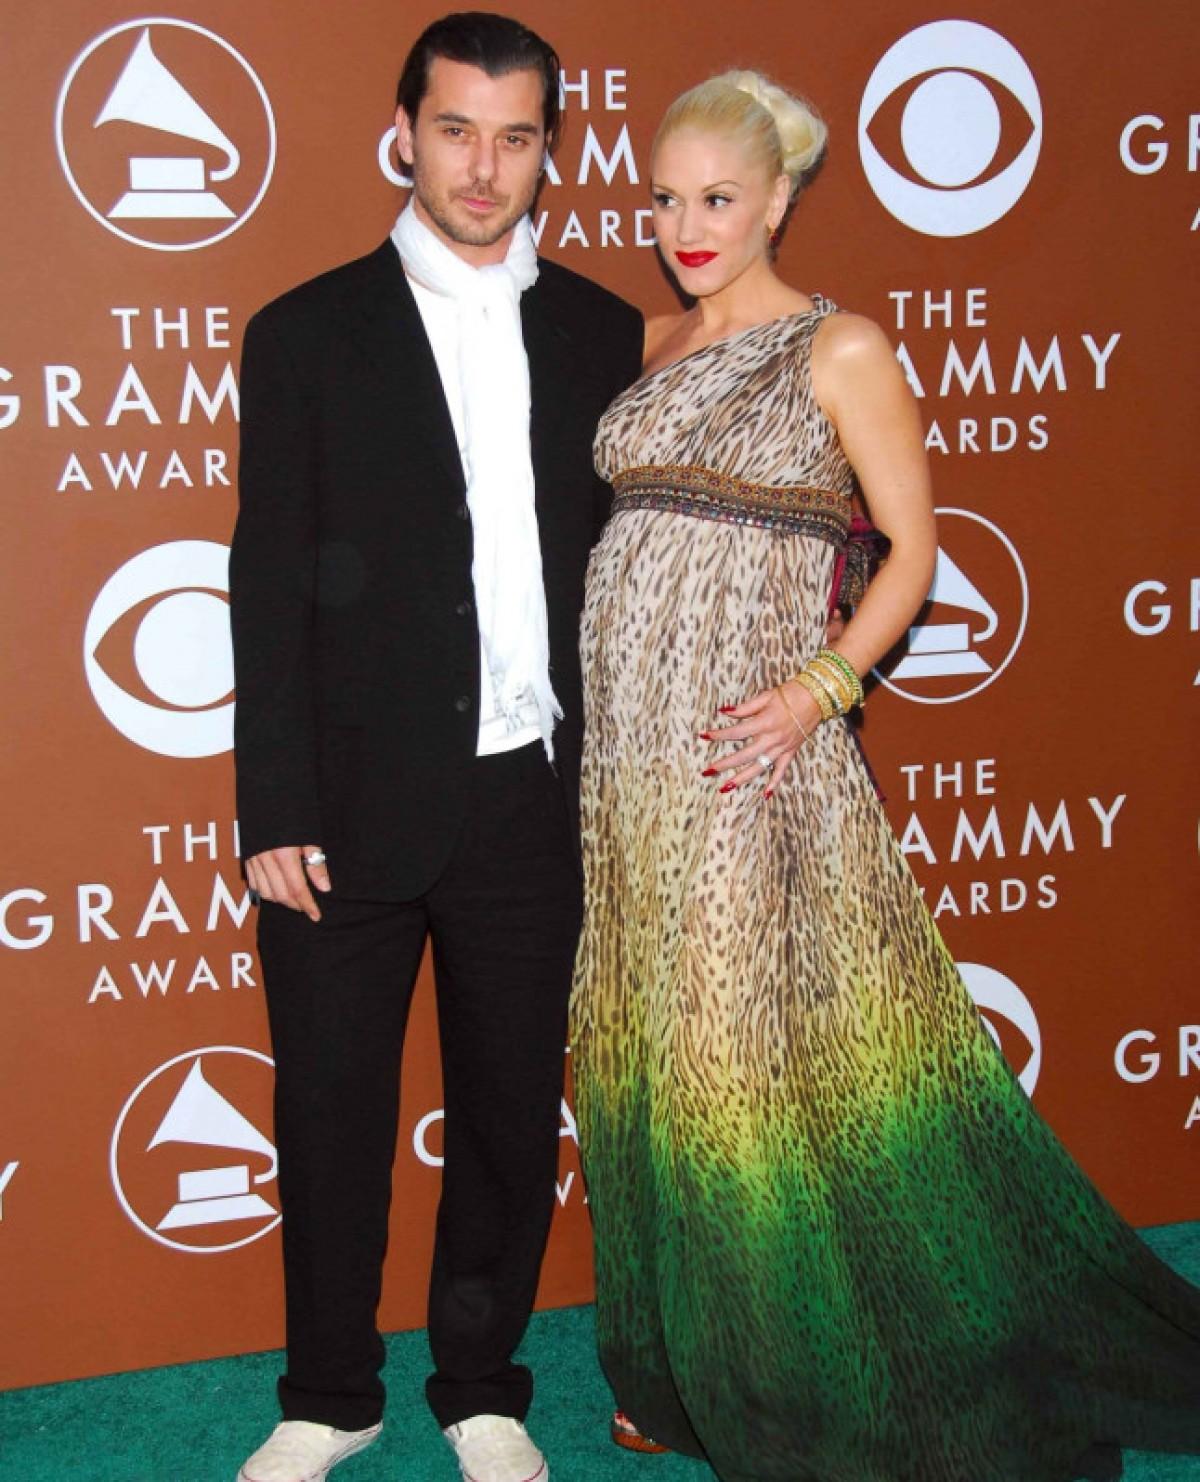 Διάσημες μαμάδες μάς παρουσιάζουν το ξεχωριστό στιλ εγκυμοσύνης τους